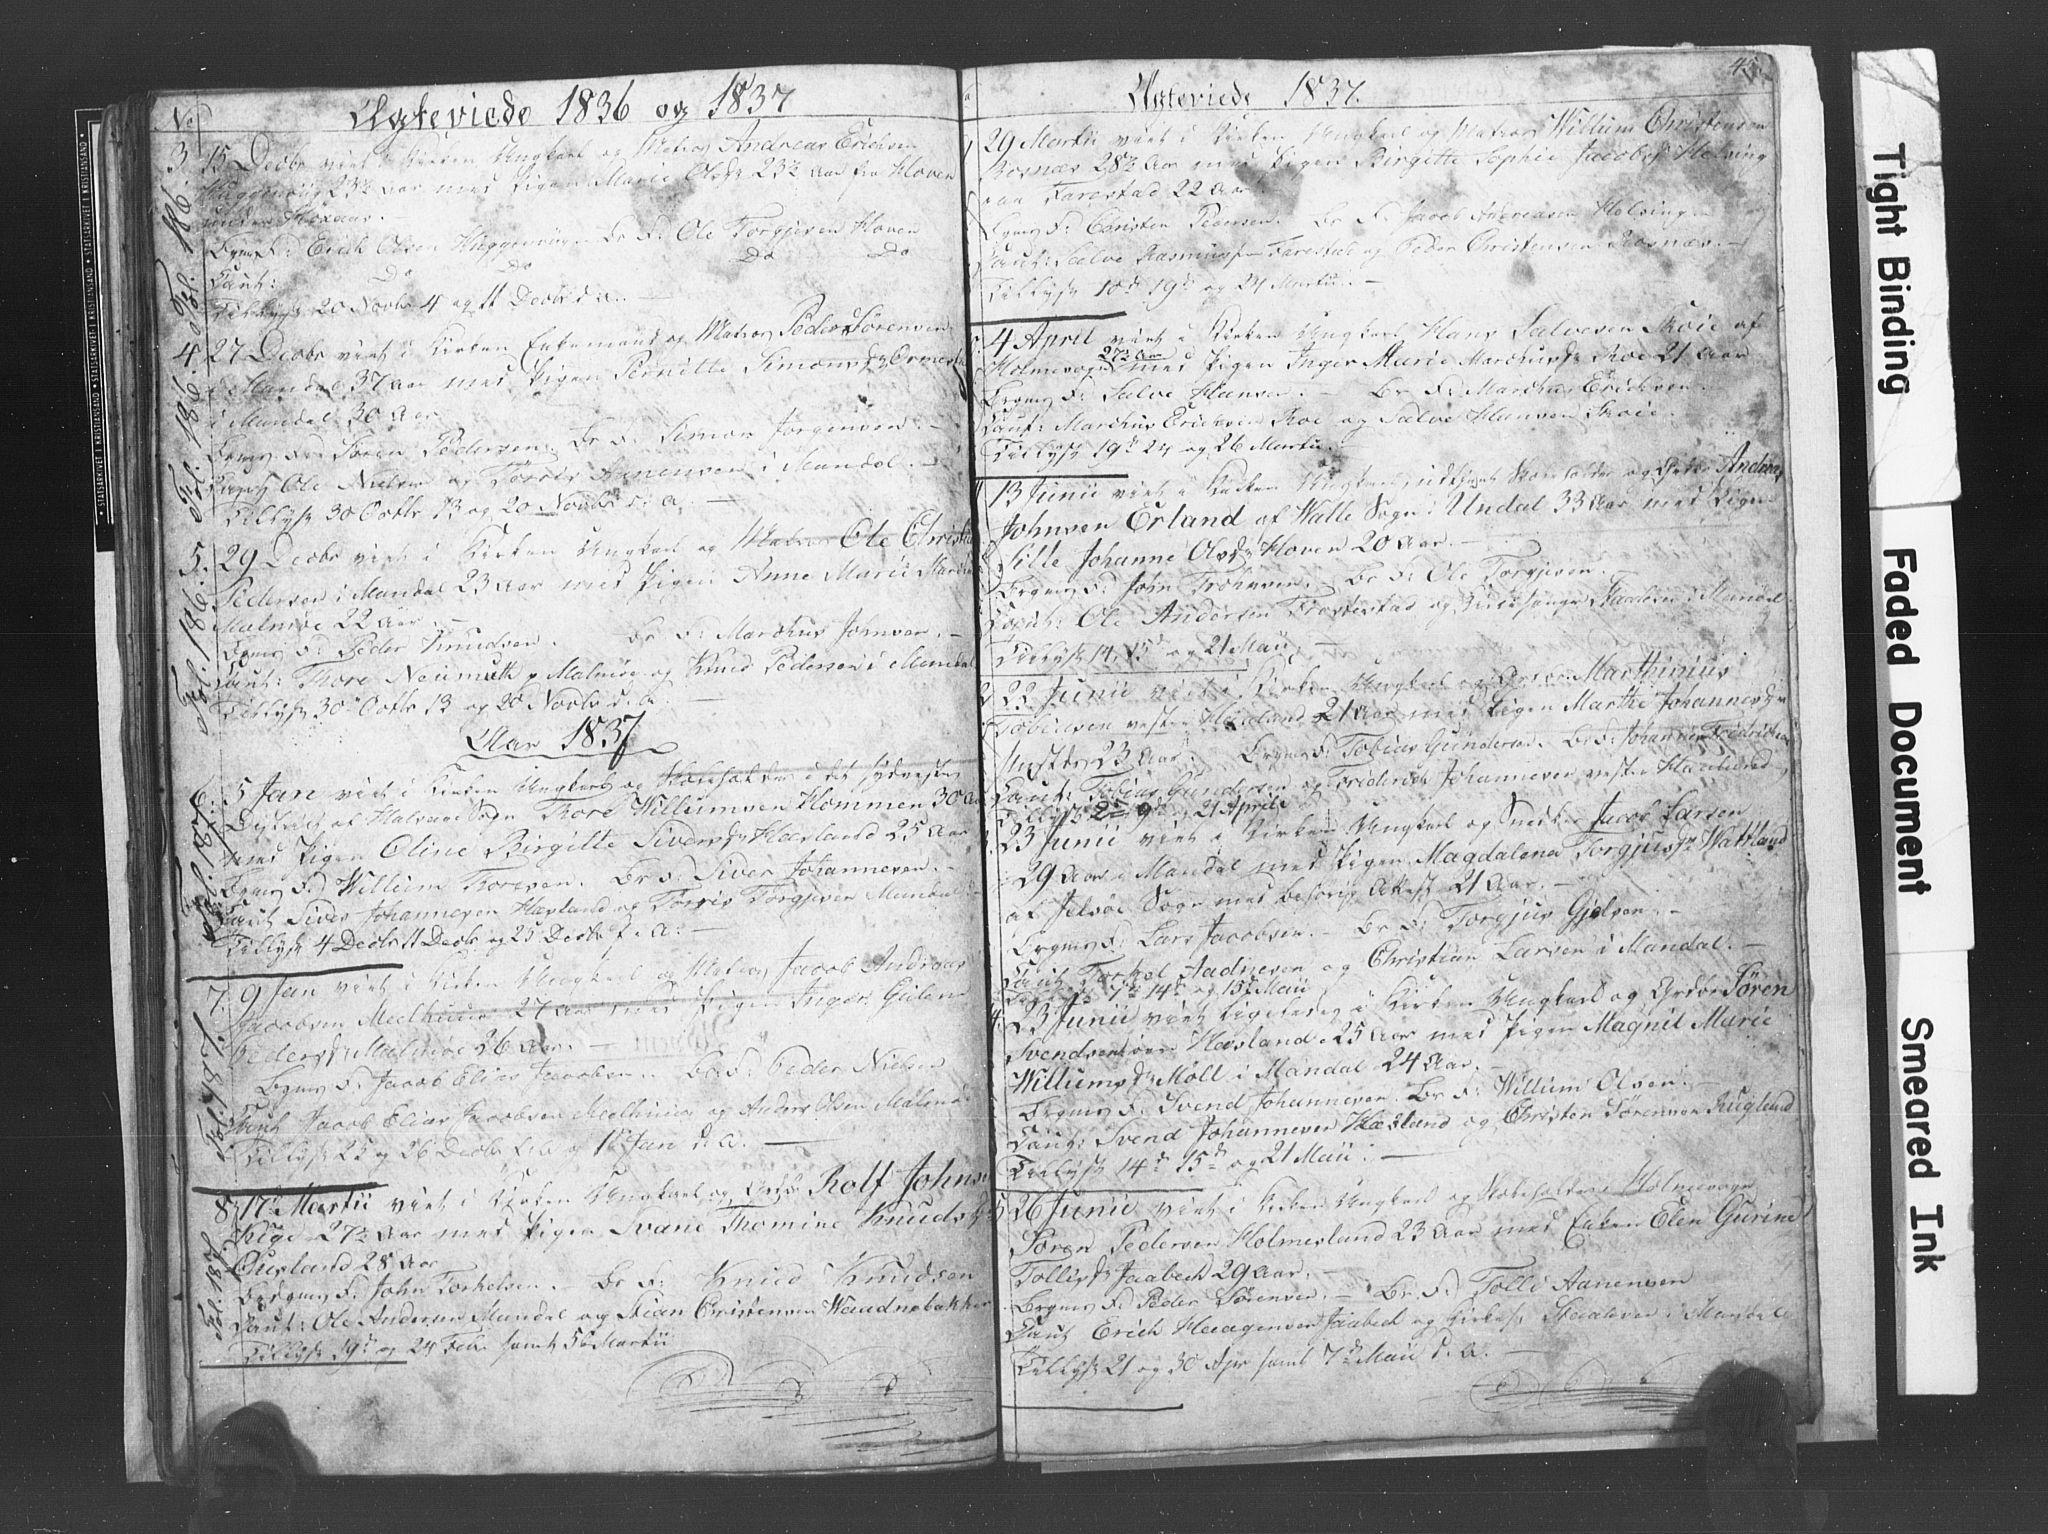 SAK, Mandal sokneprestkontor, F/Fb/Fba/L0003: Klokkerbok nr. B 1C, 1834-1838, s. 45